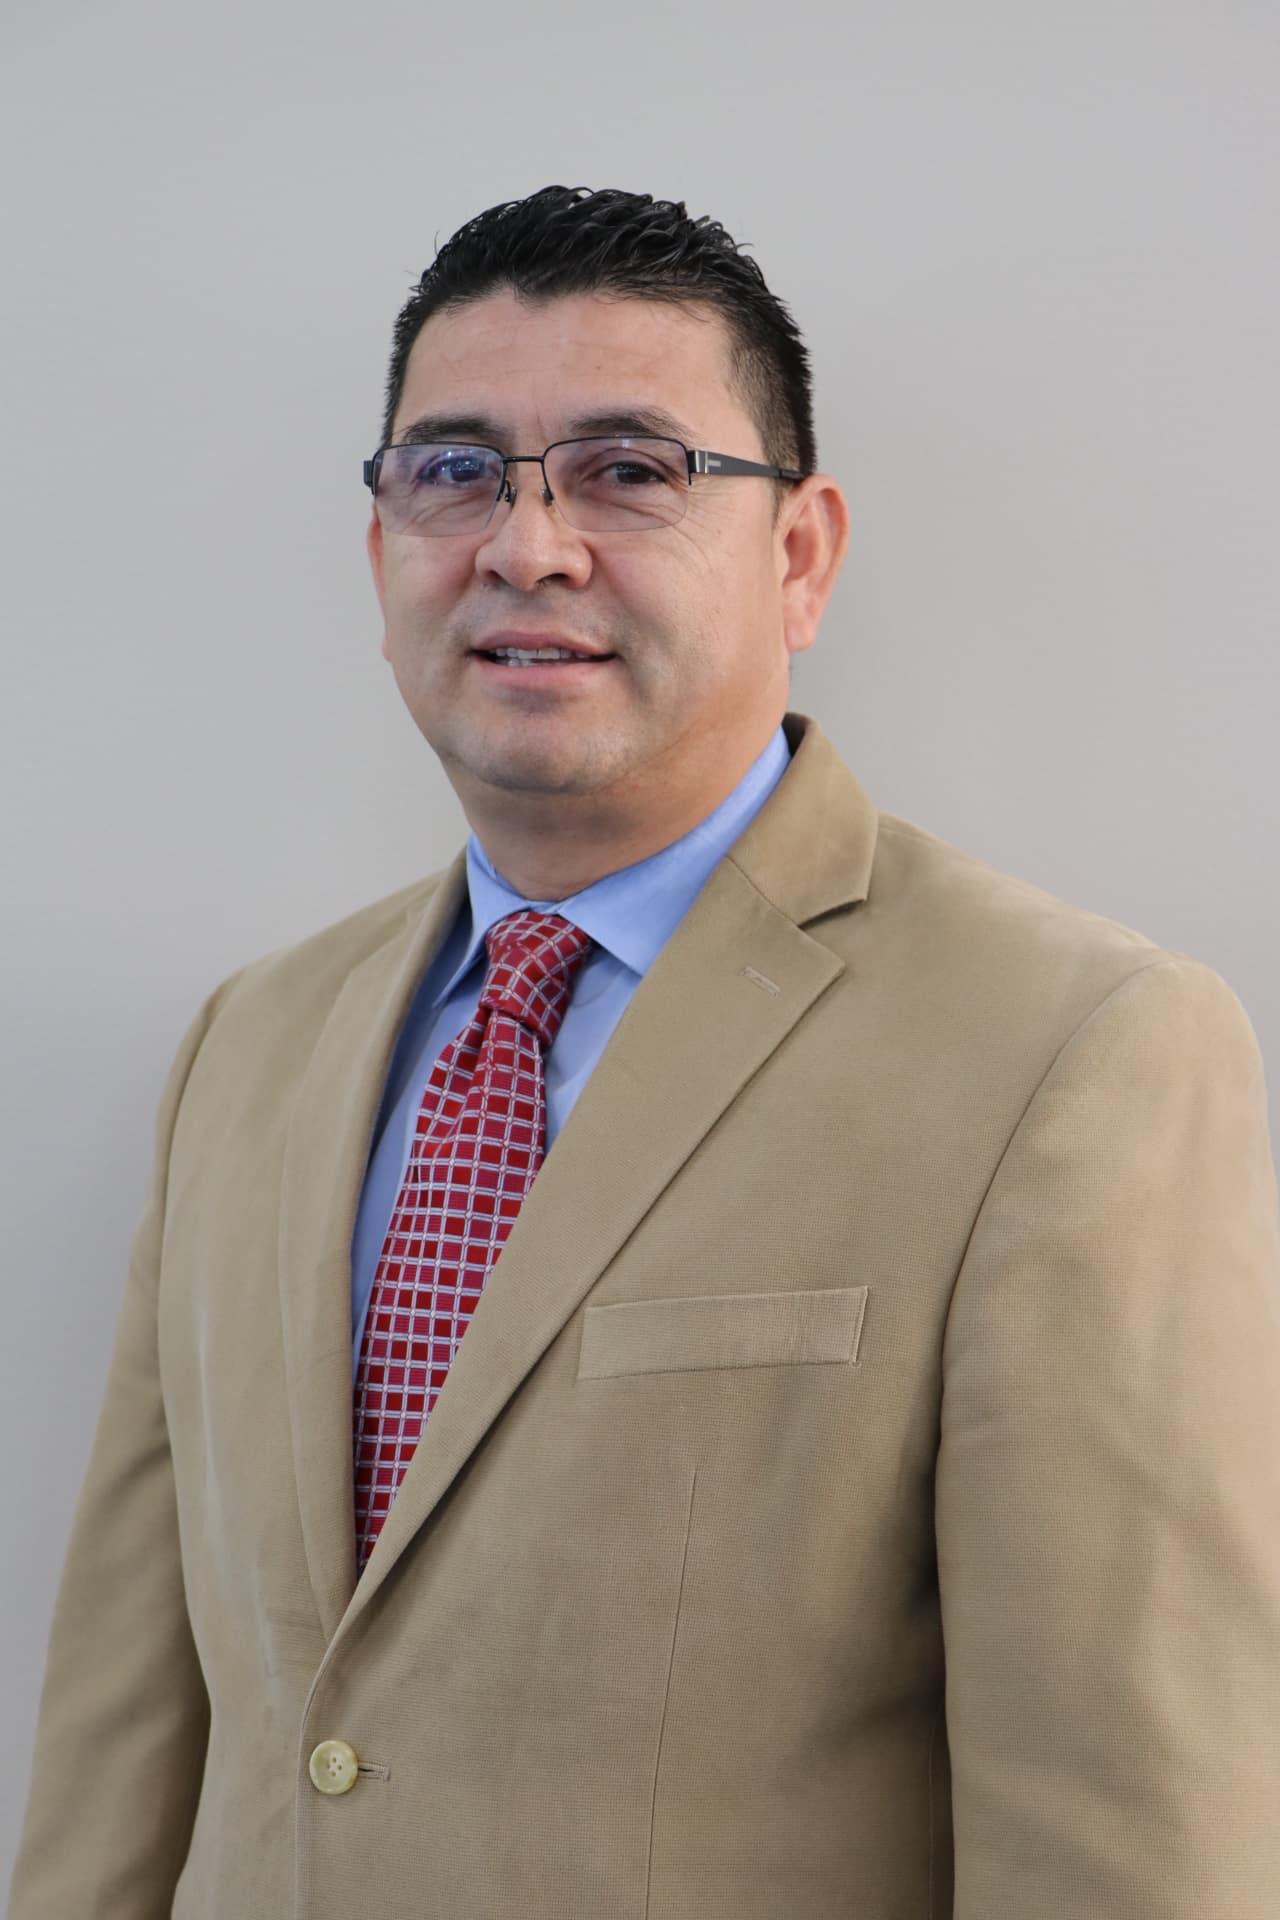 Ricky Cortez